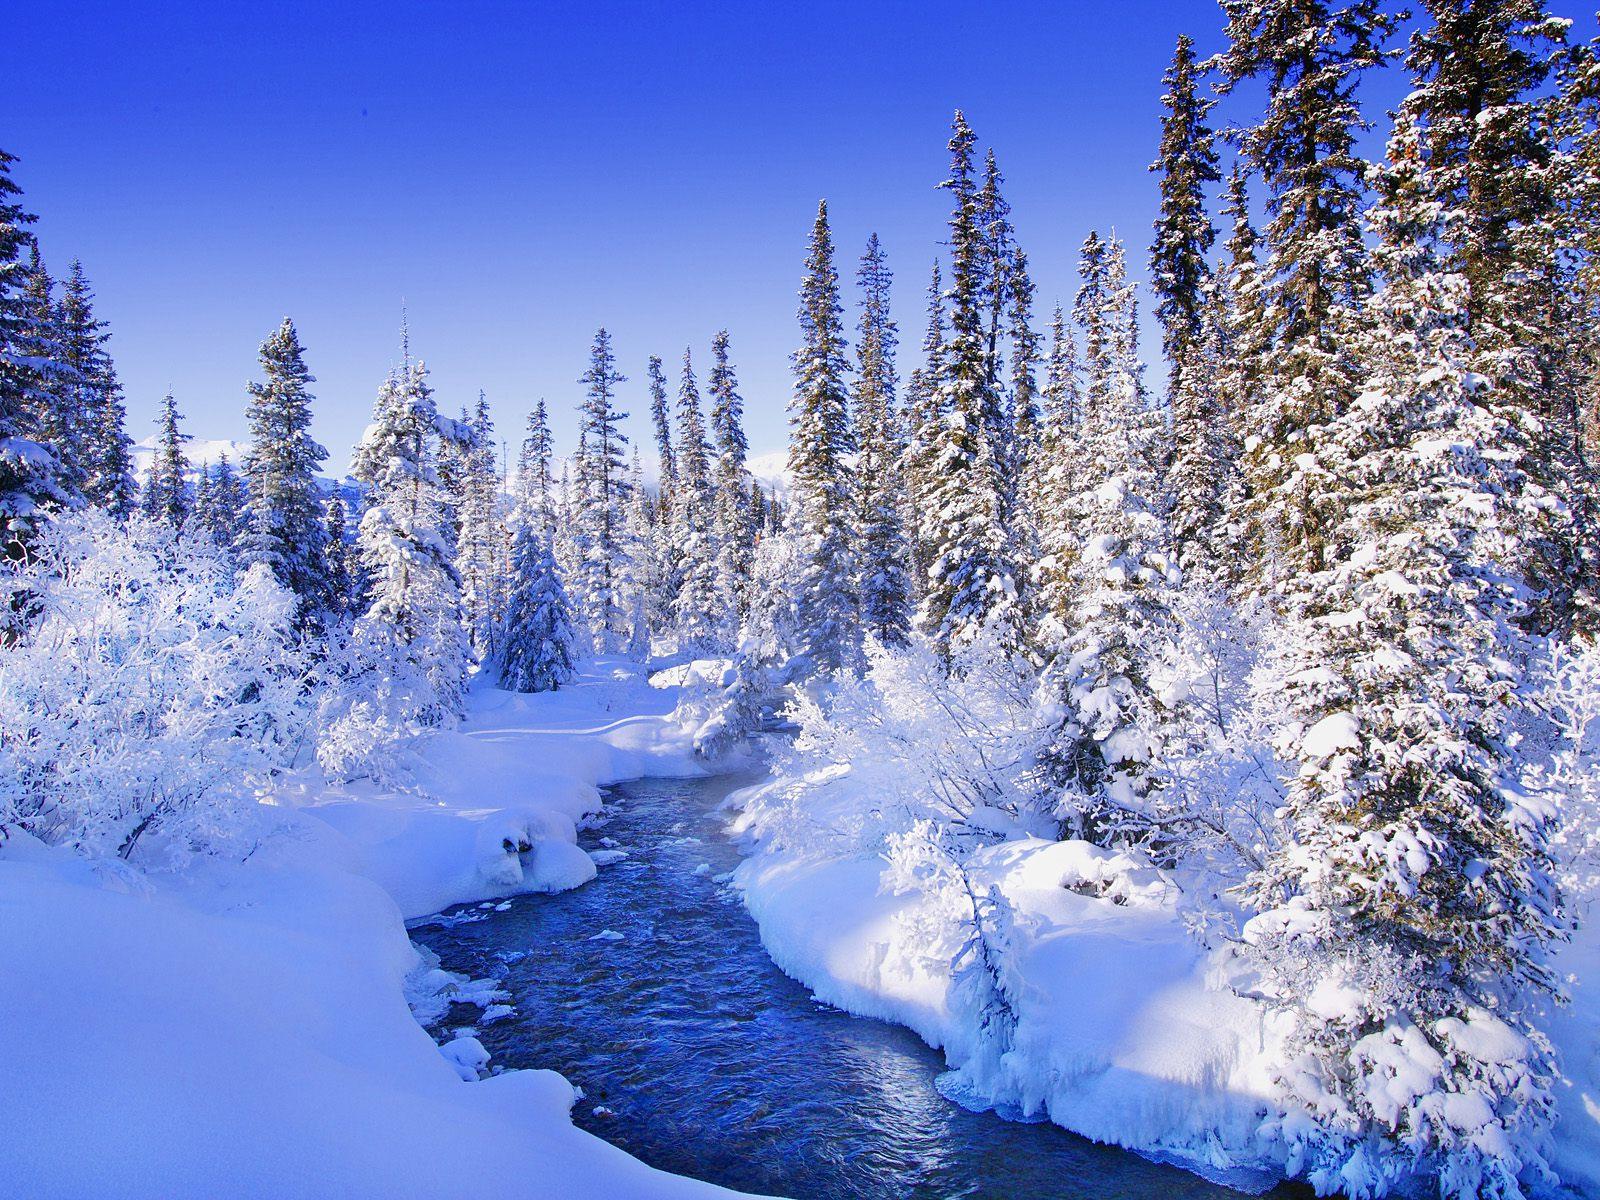 зимний фон обои